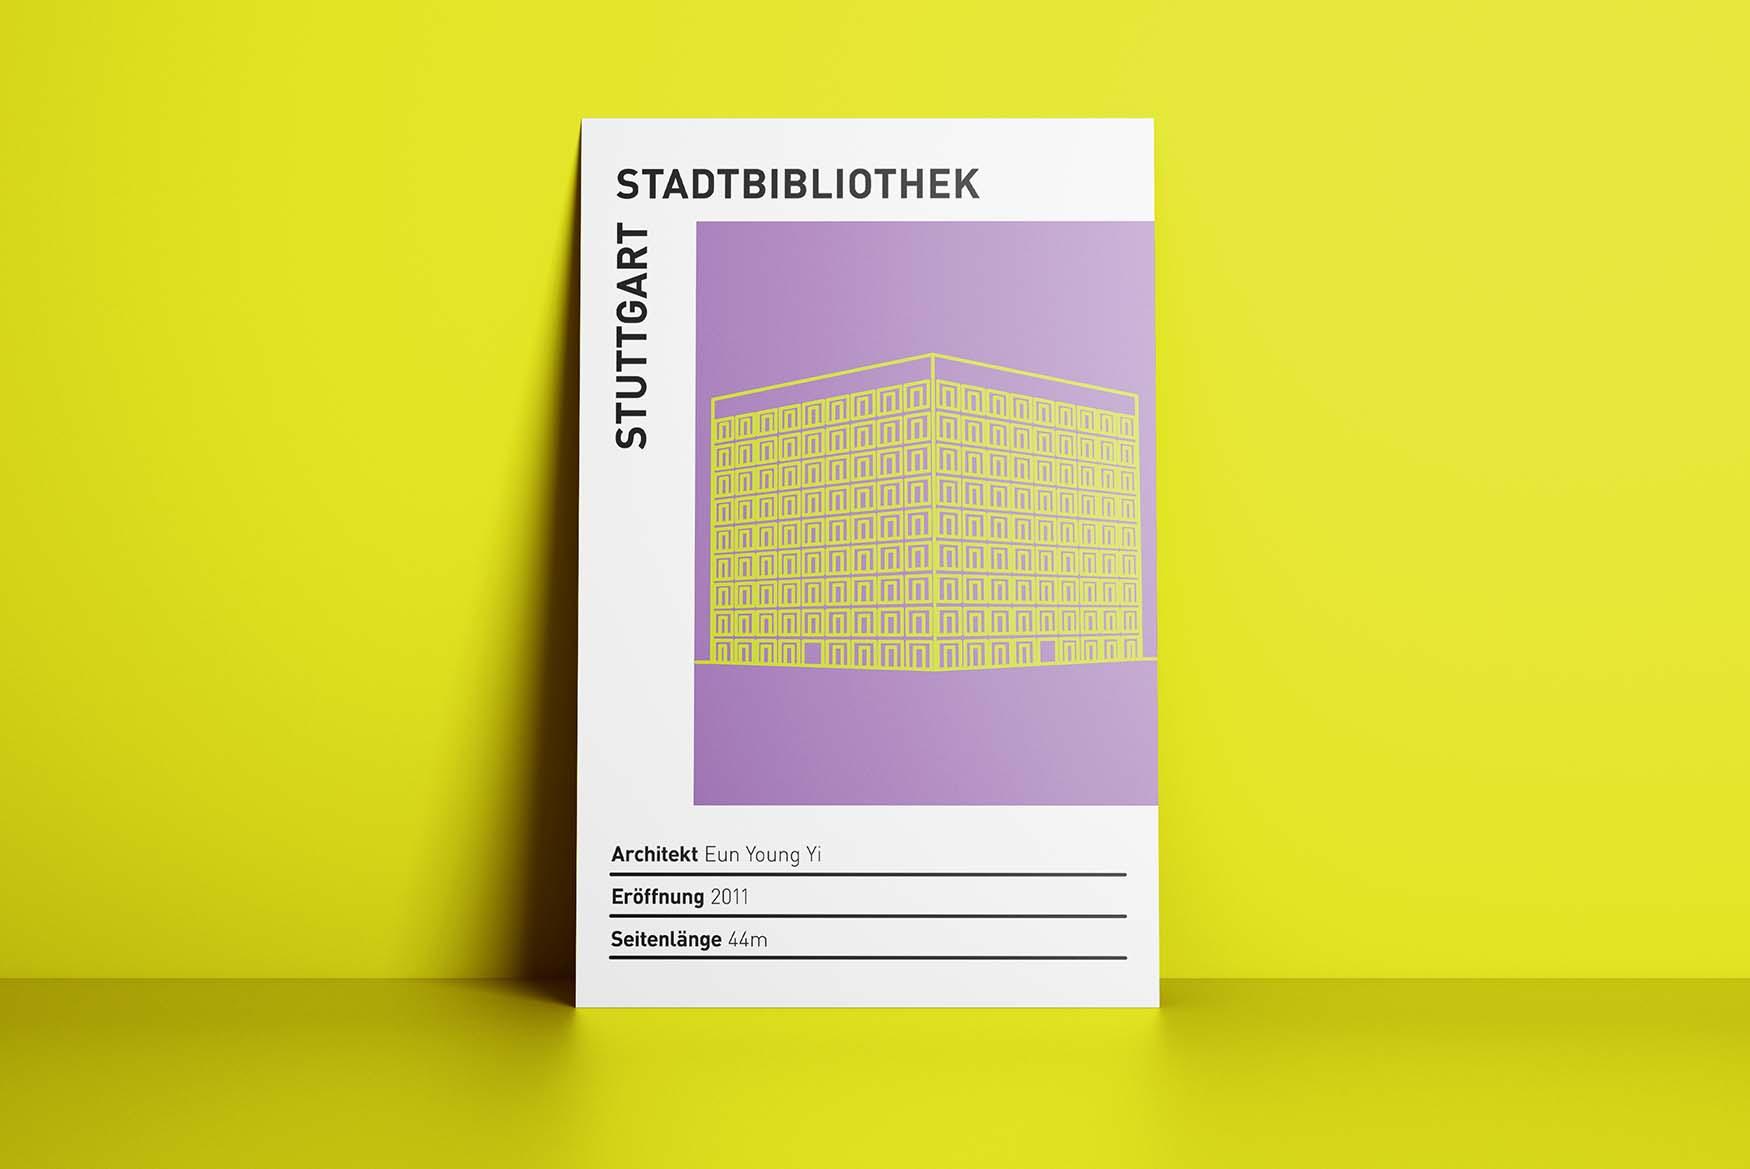 Kreativbetrieb-Designagentur-Architektur-Stuttgart-9